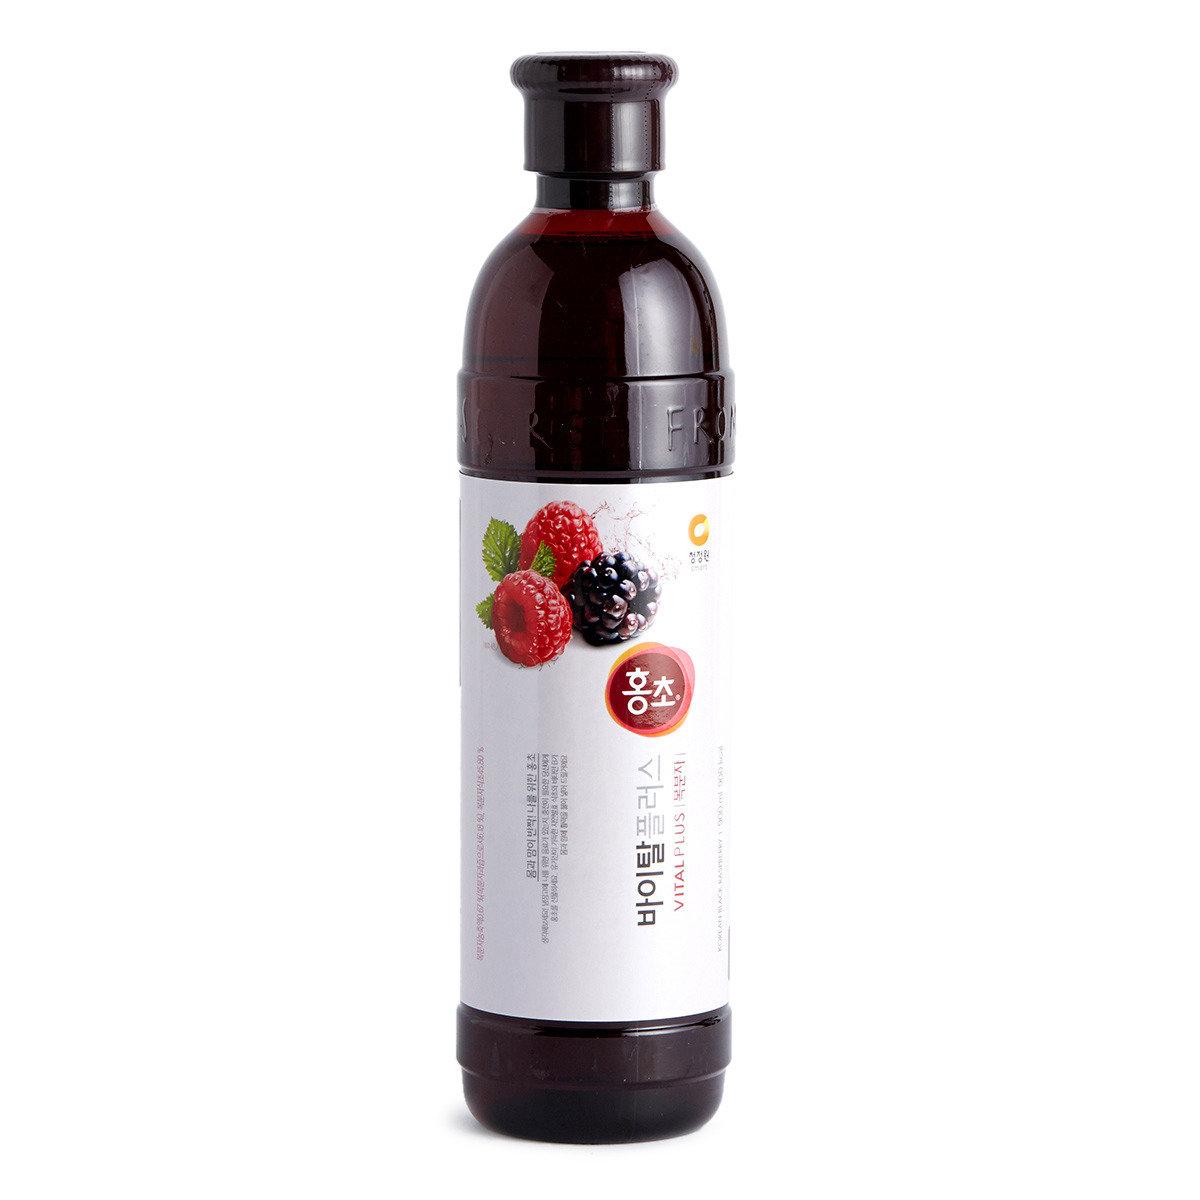 紅醋飲料 - 黑莓味